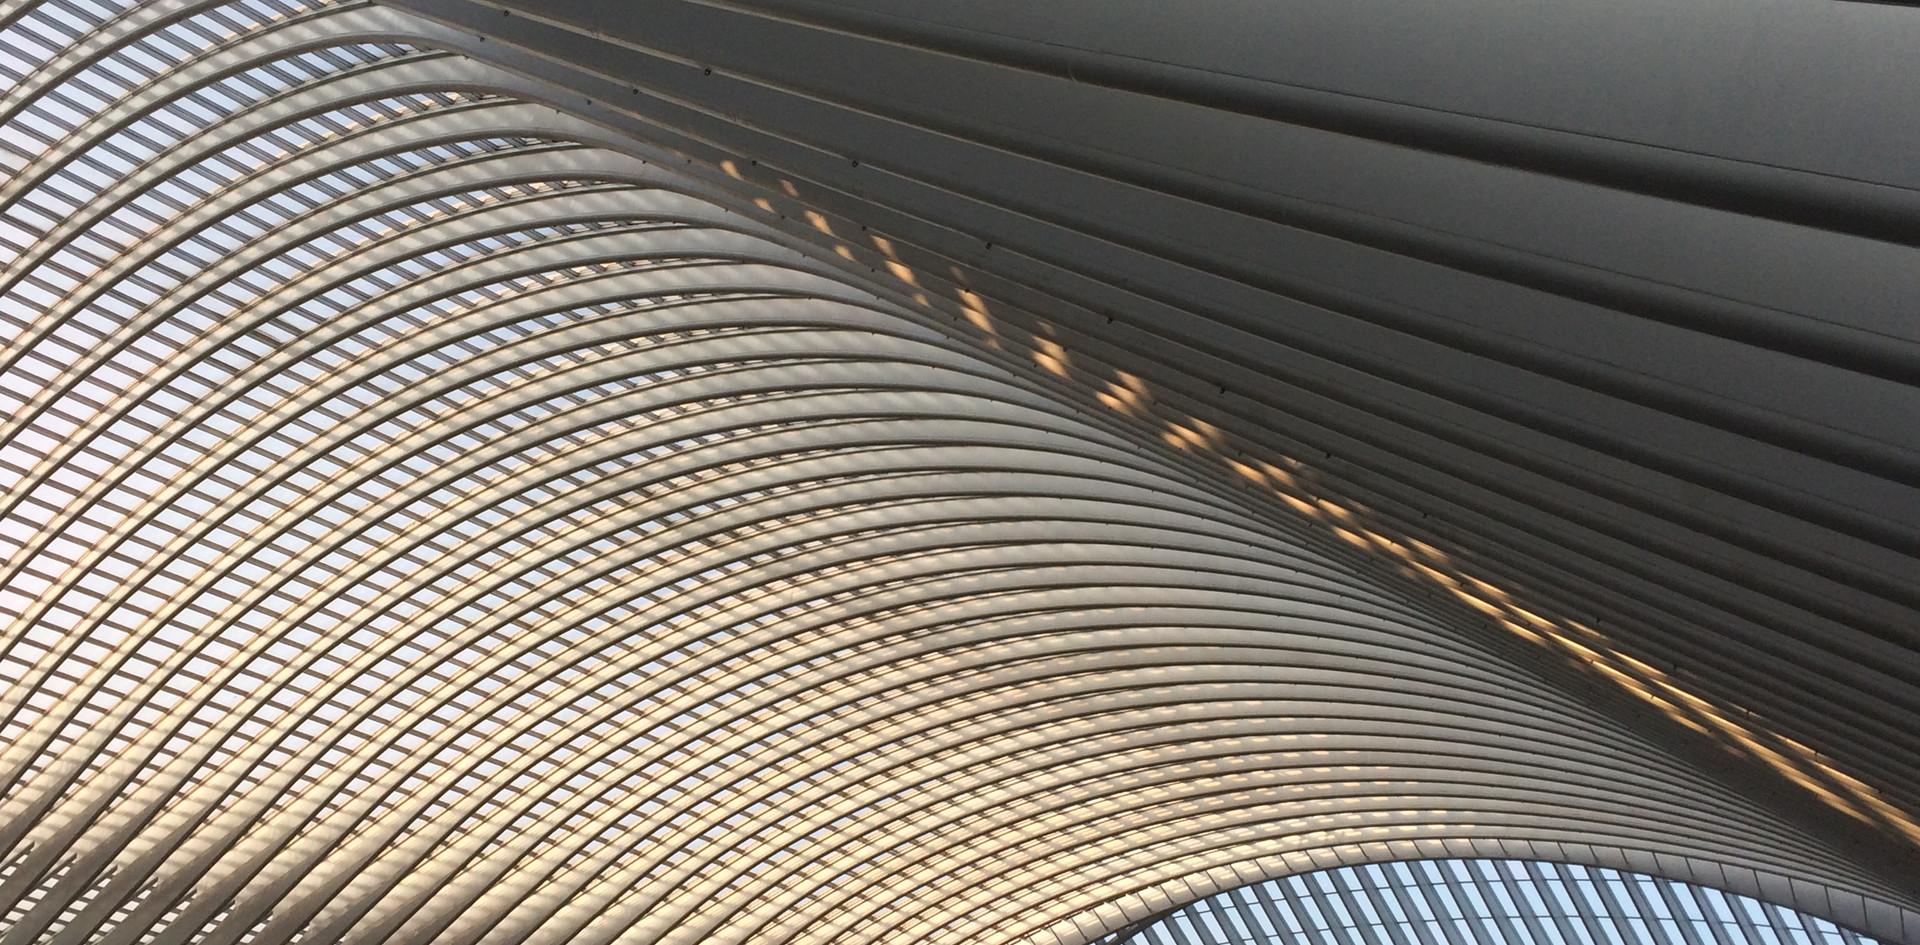 Architecture #12